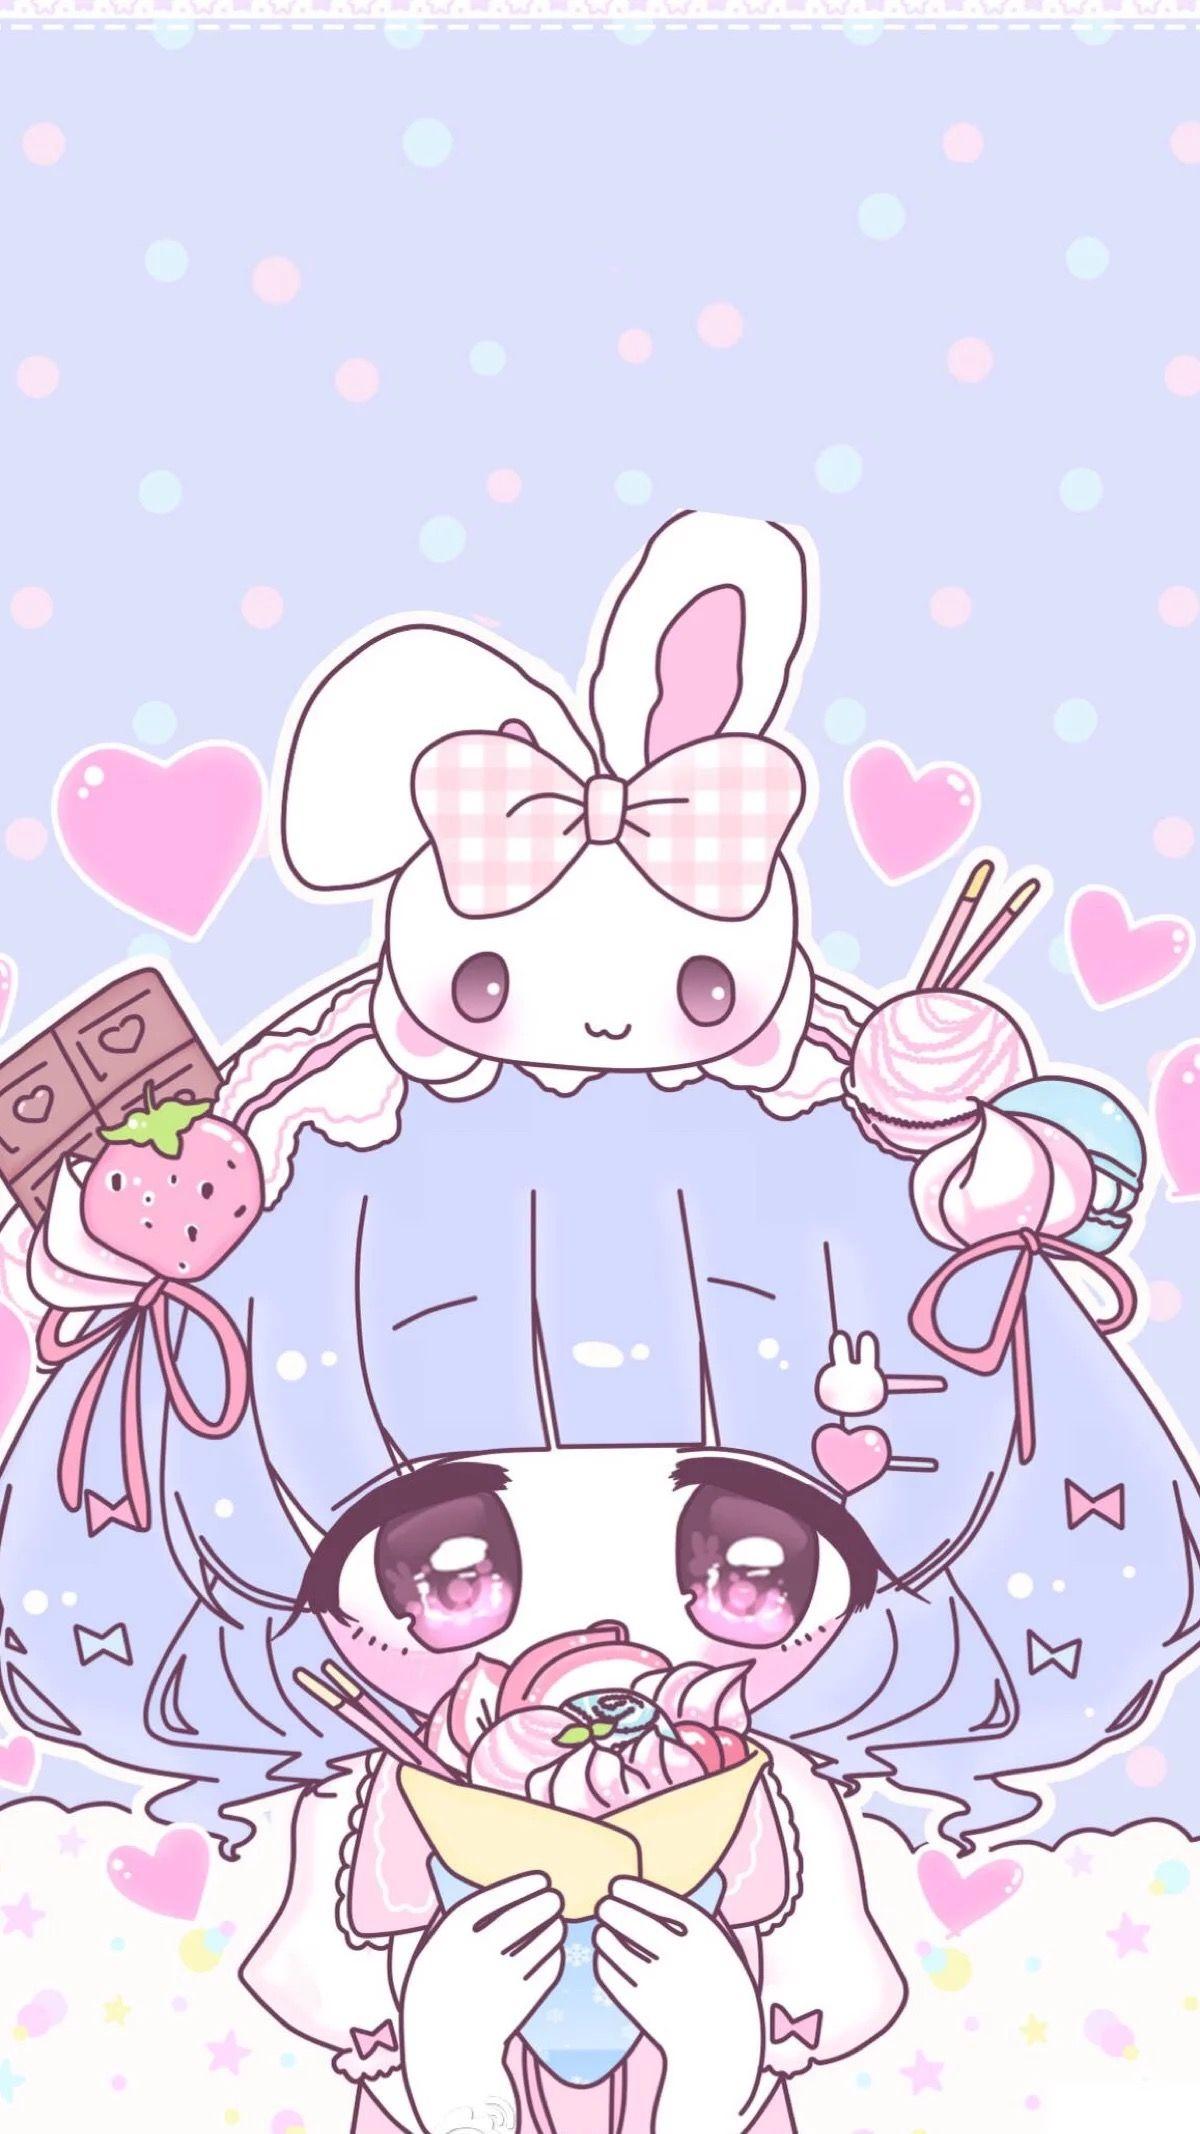 Pin By Sofia On Cute Wallpaper Cute Anime Wallpaper Cute